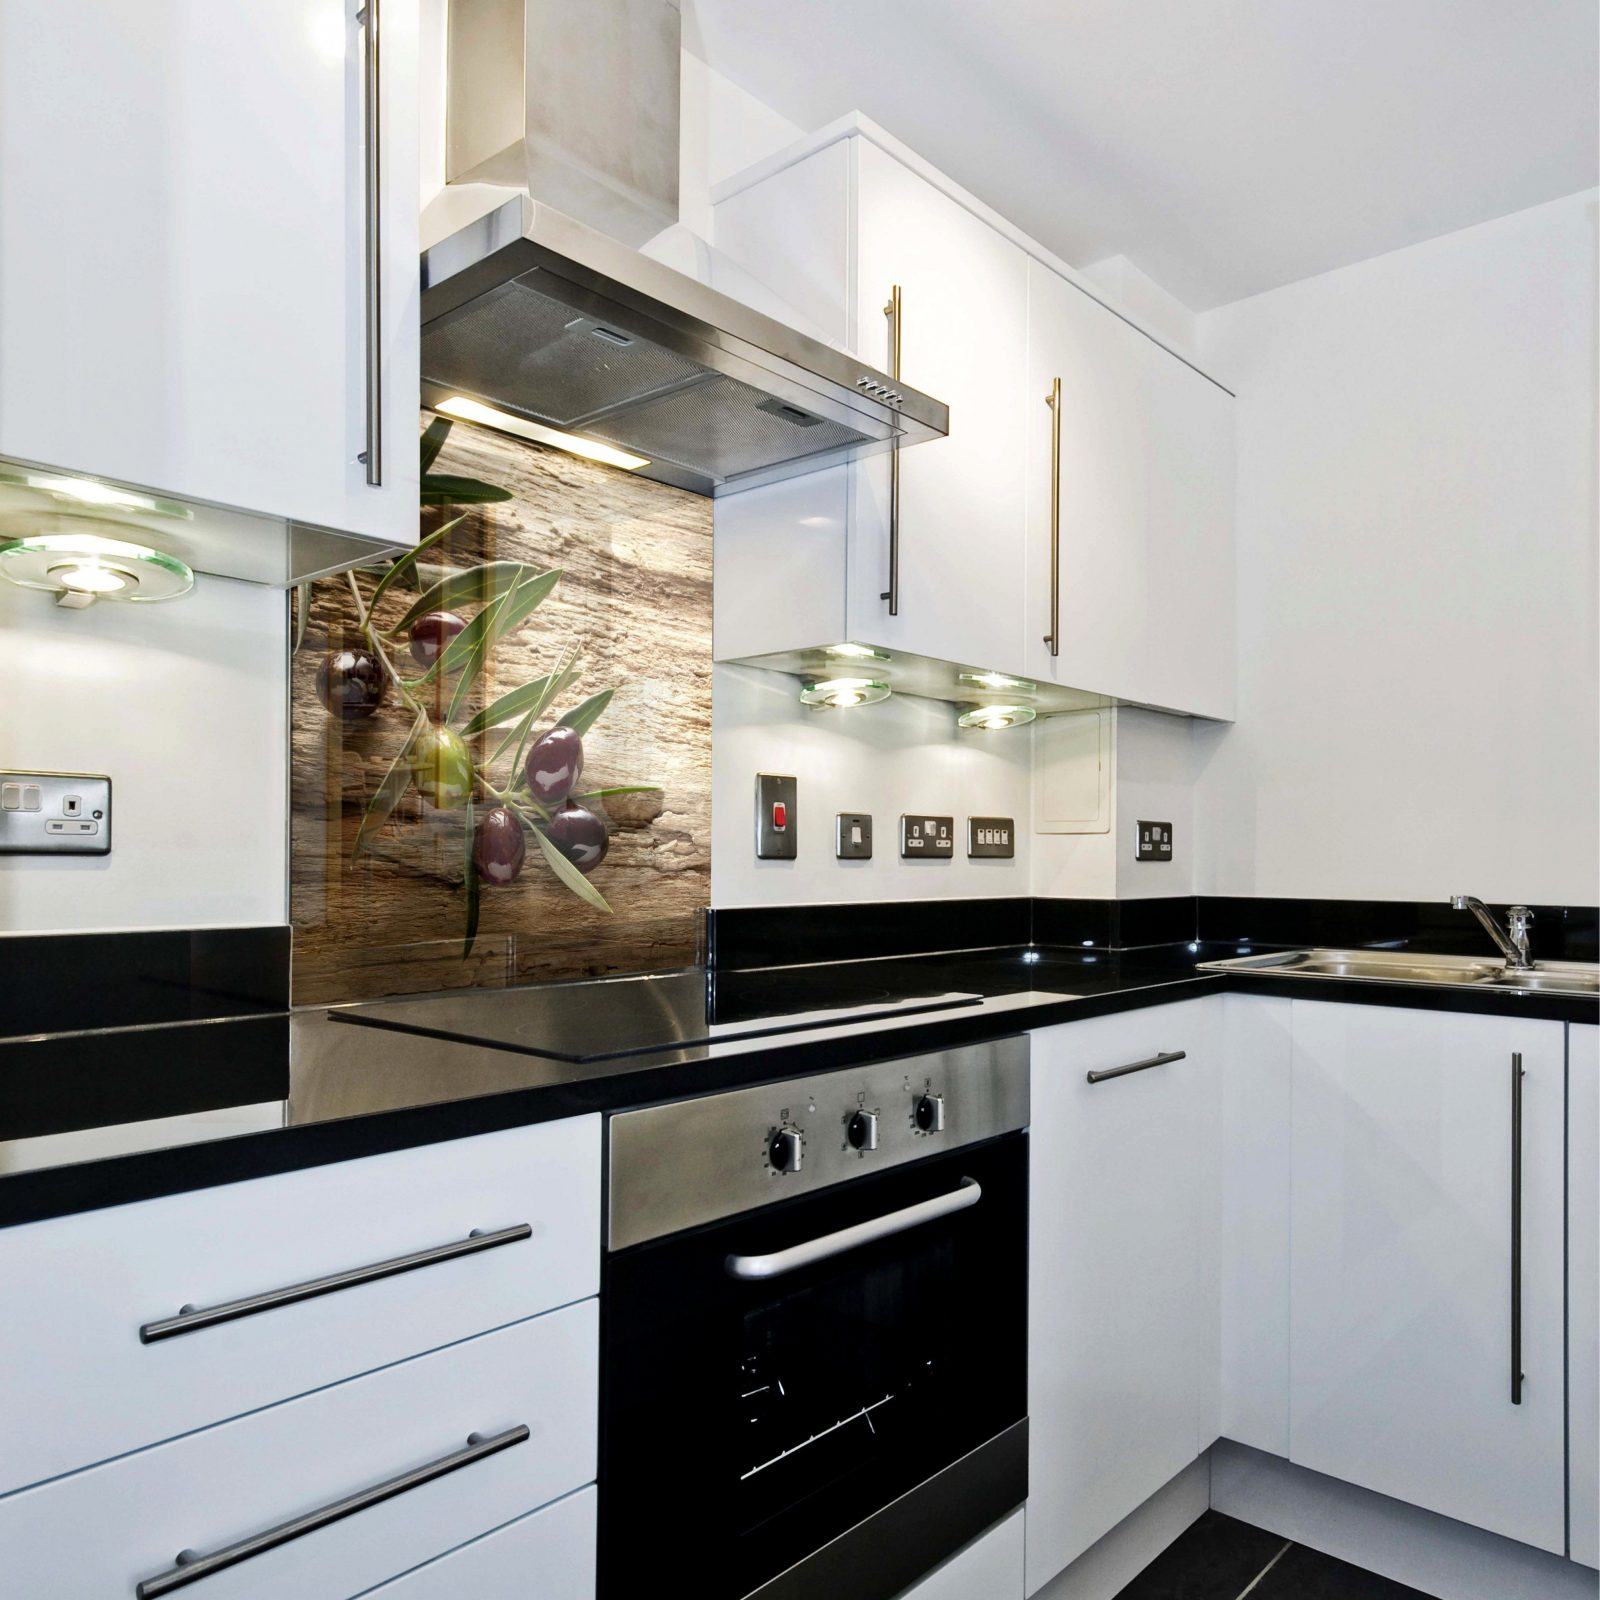 Spritzschutz Küche Selber Machen 31 Best Spritzschutz Glas Küche Von